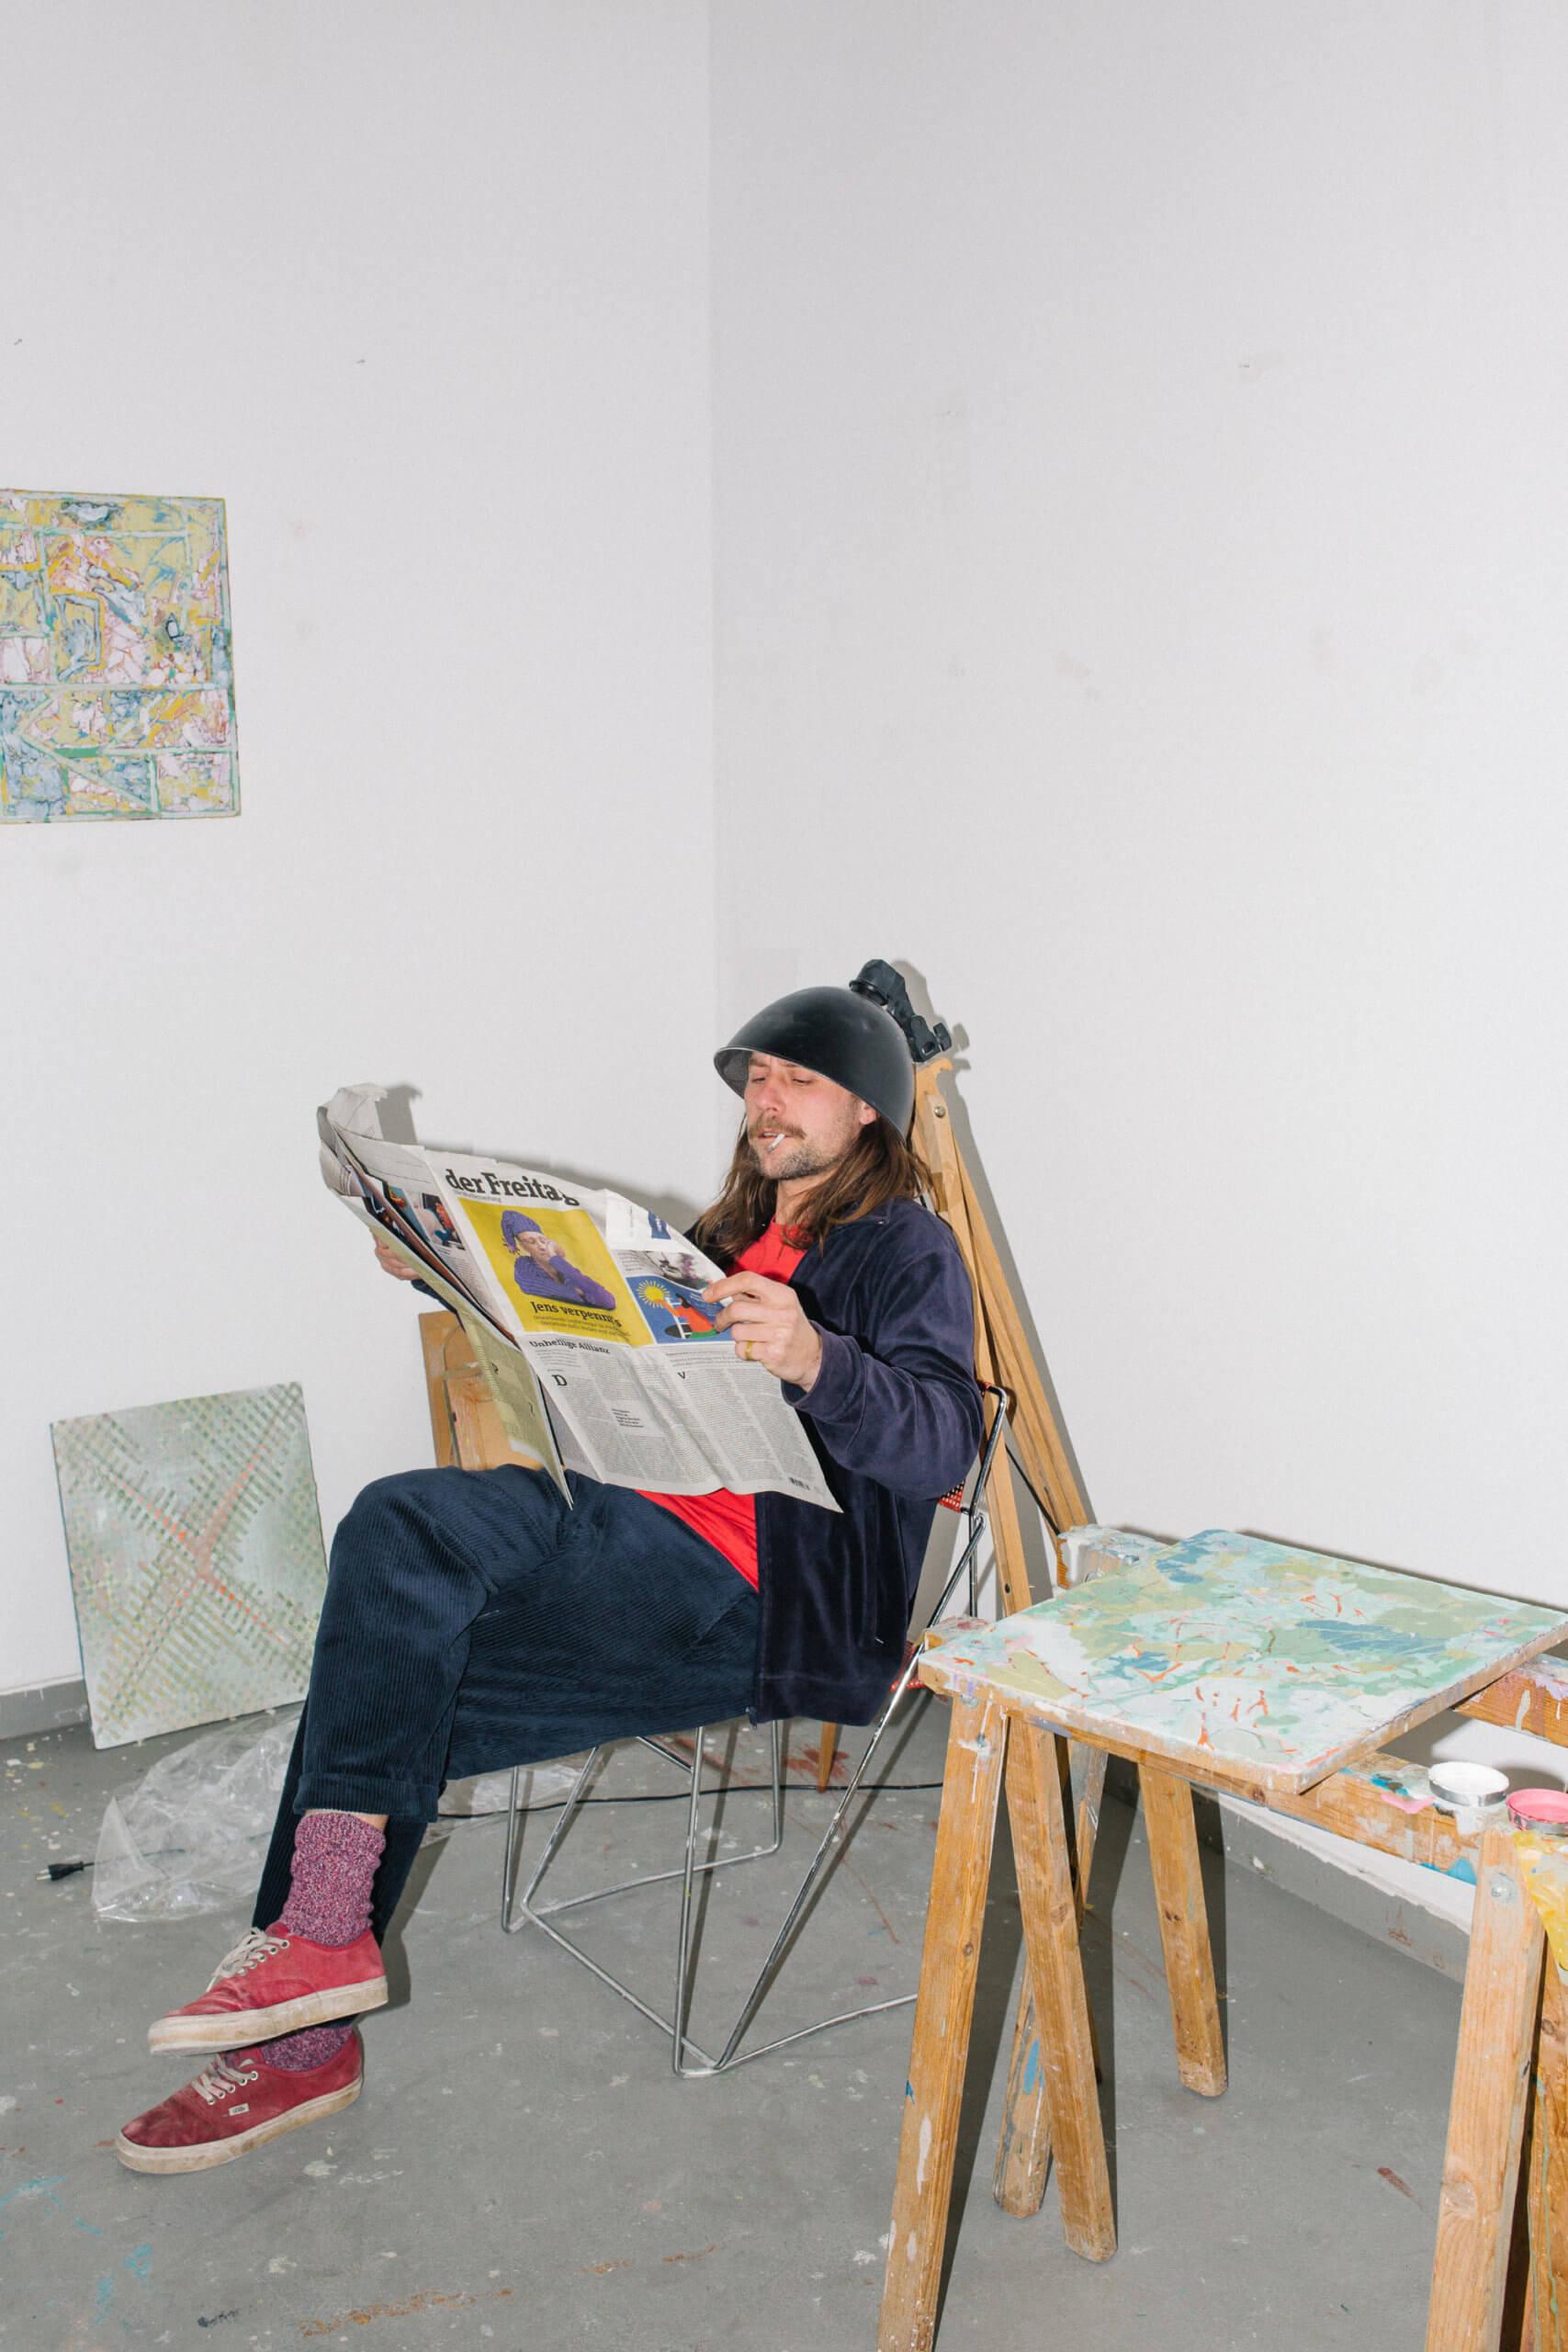 Raik Gupin sitzt Zeitung lesend in einem Stuhl, und hat einen Lampenschirm auf dem Kopf.